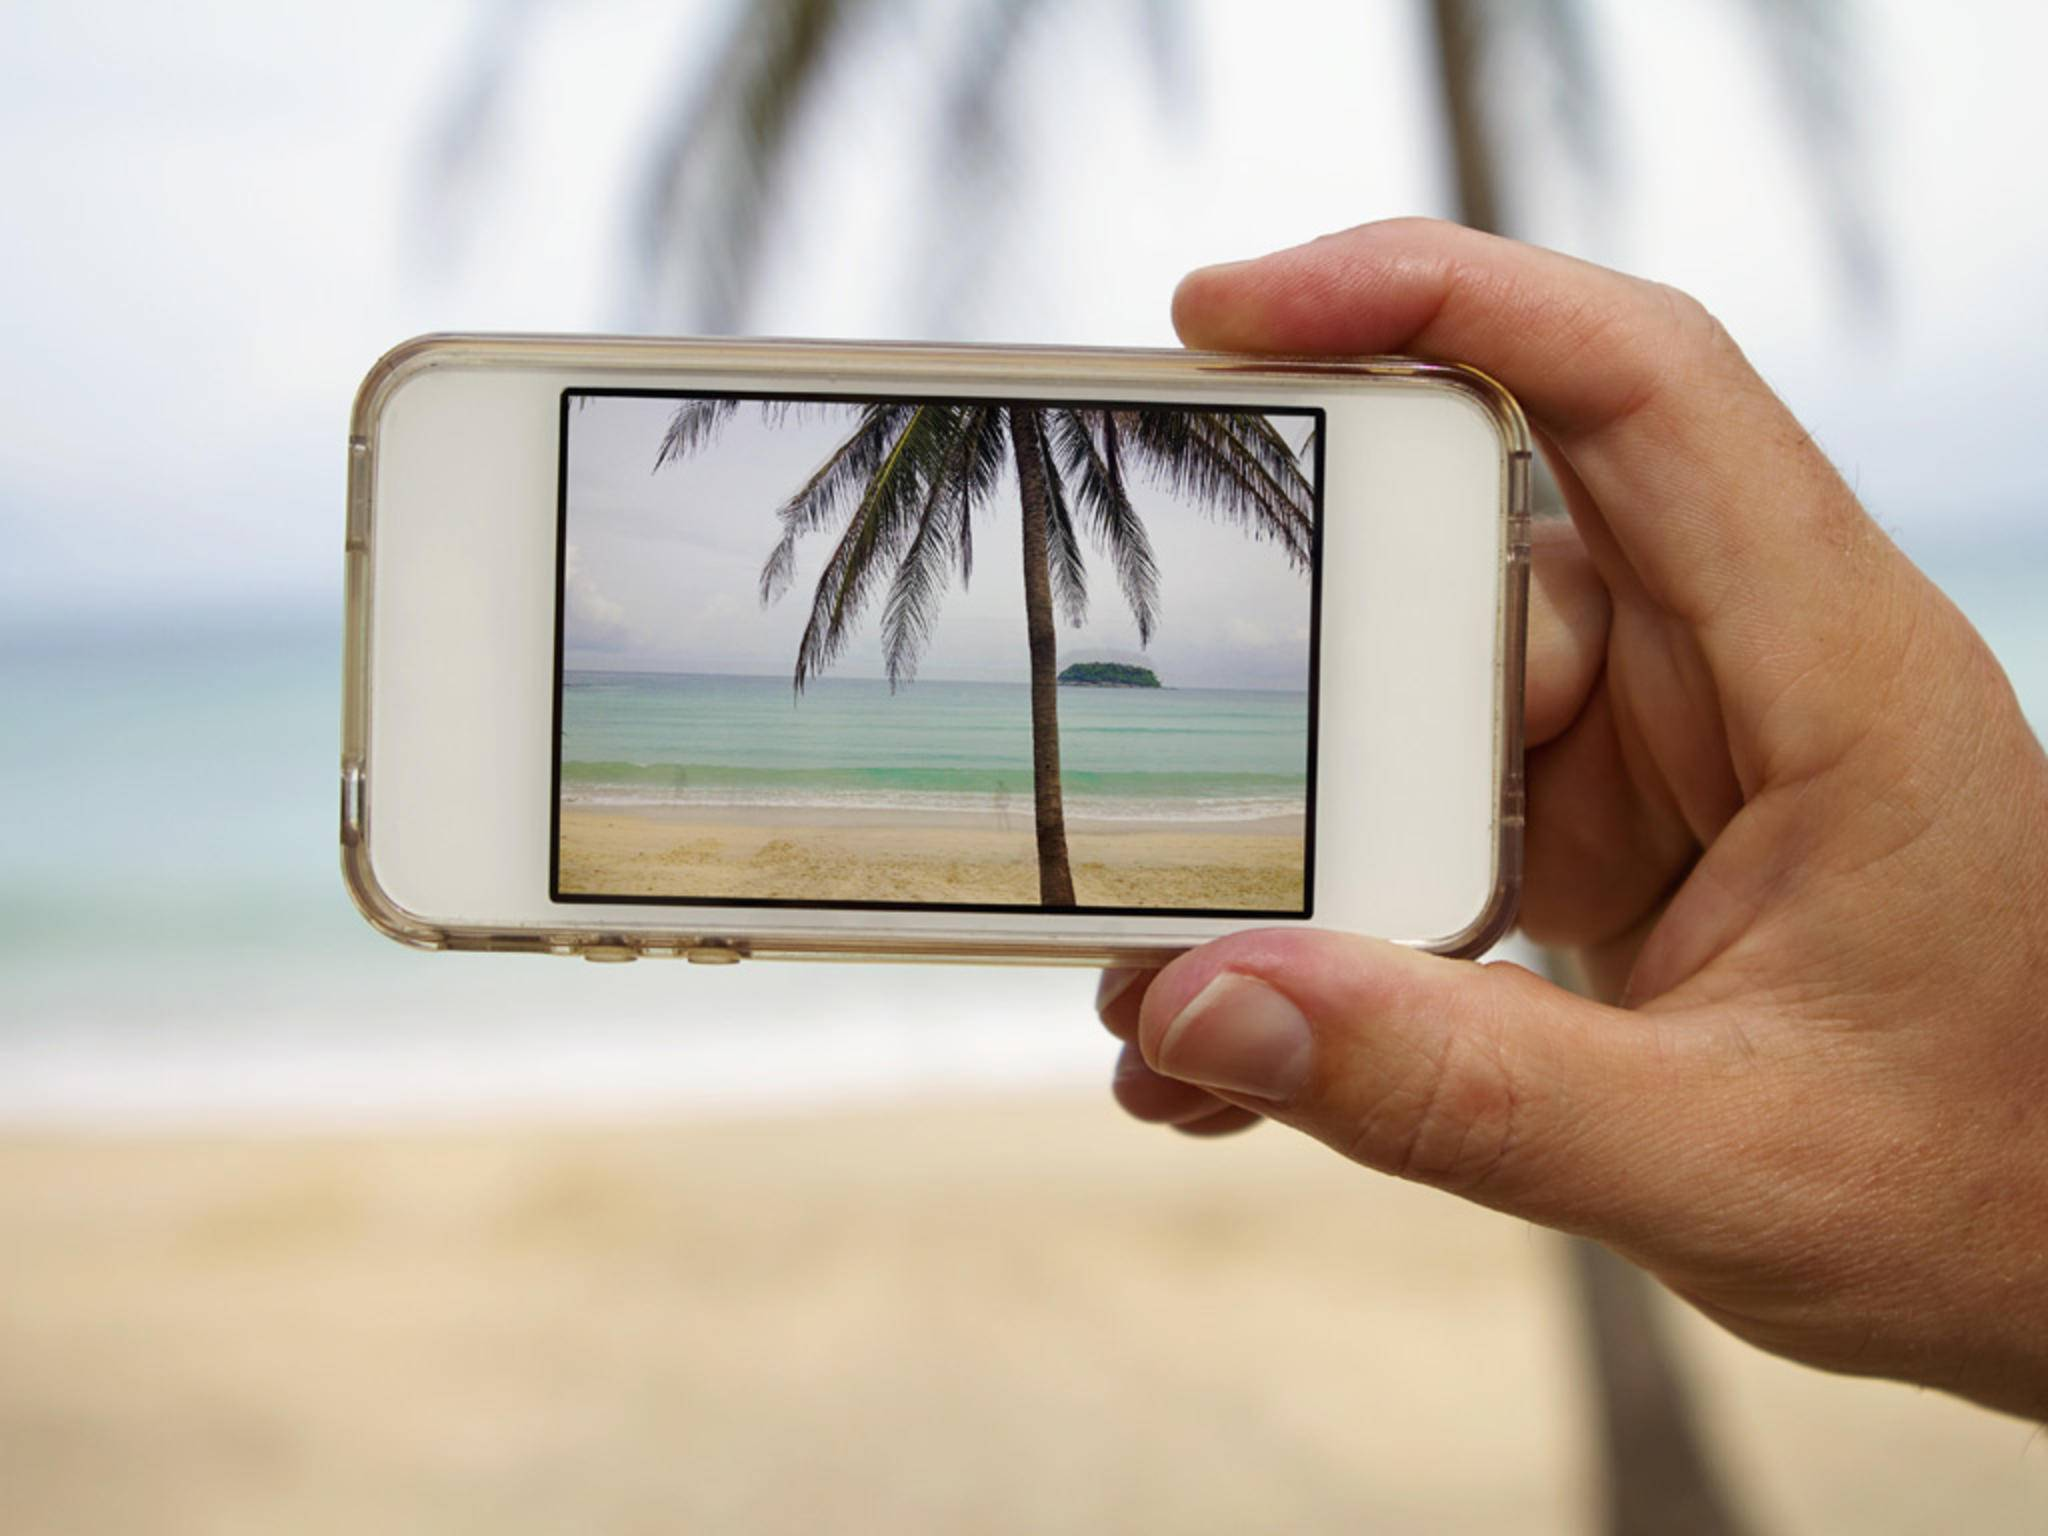 Mit den richtigen Apps wird der Urlaub noch schöner.